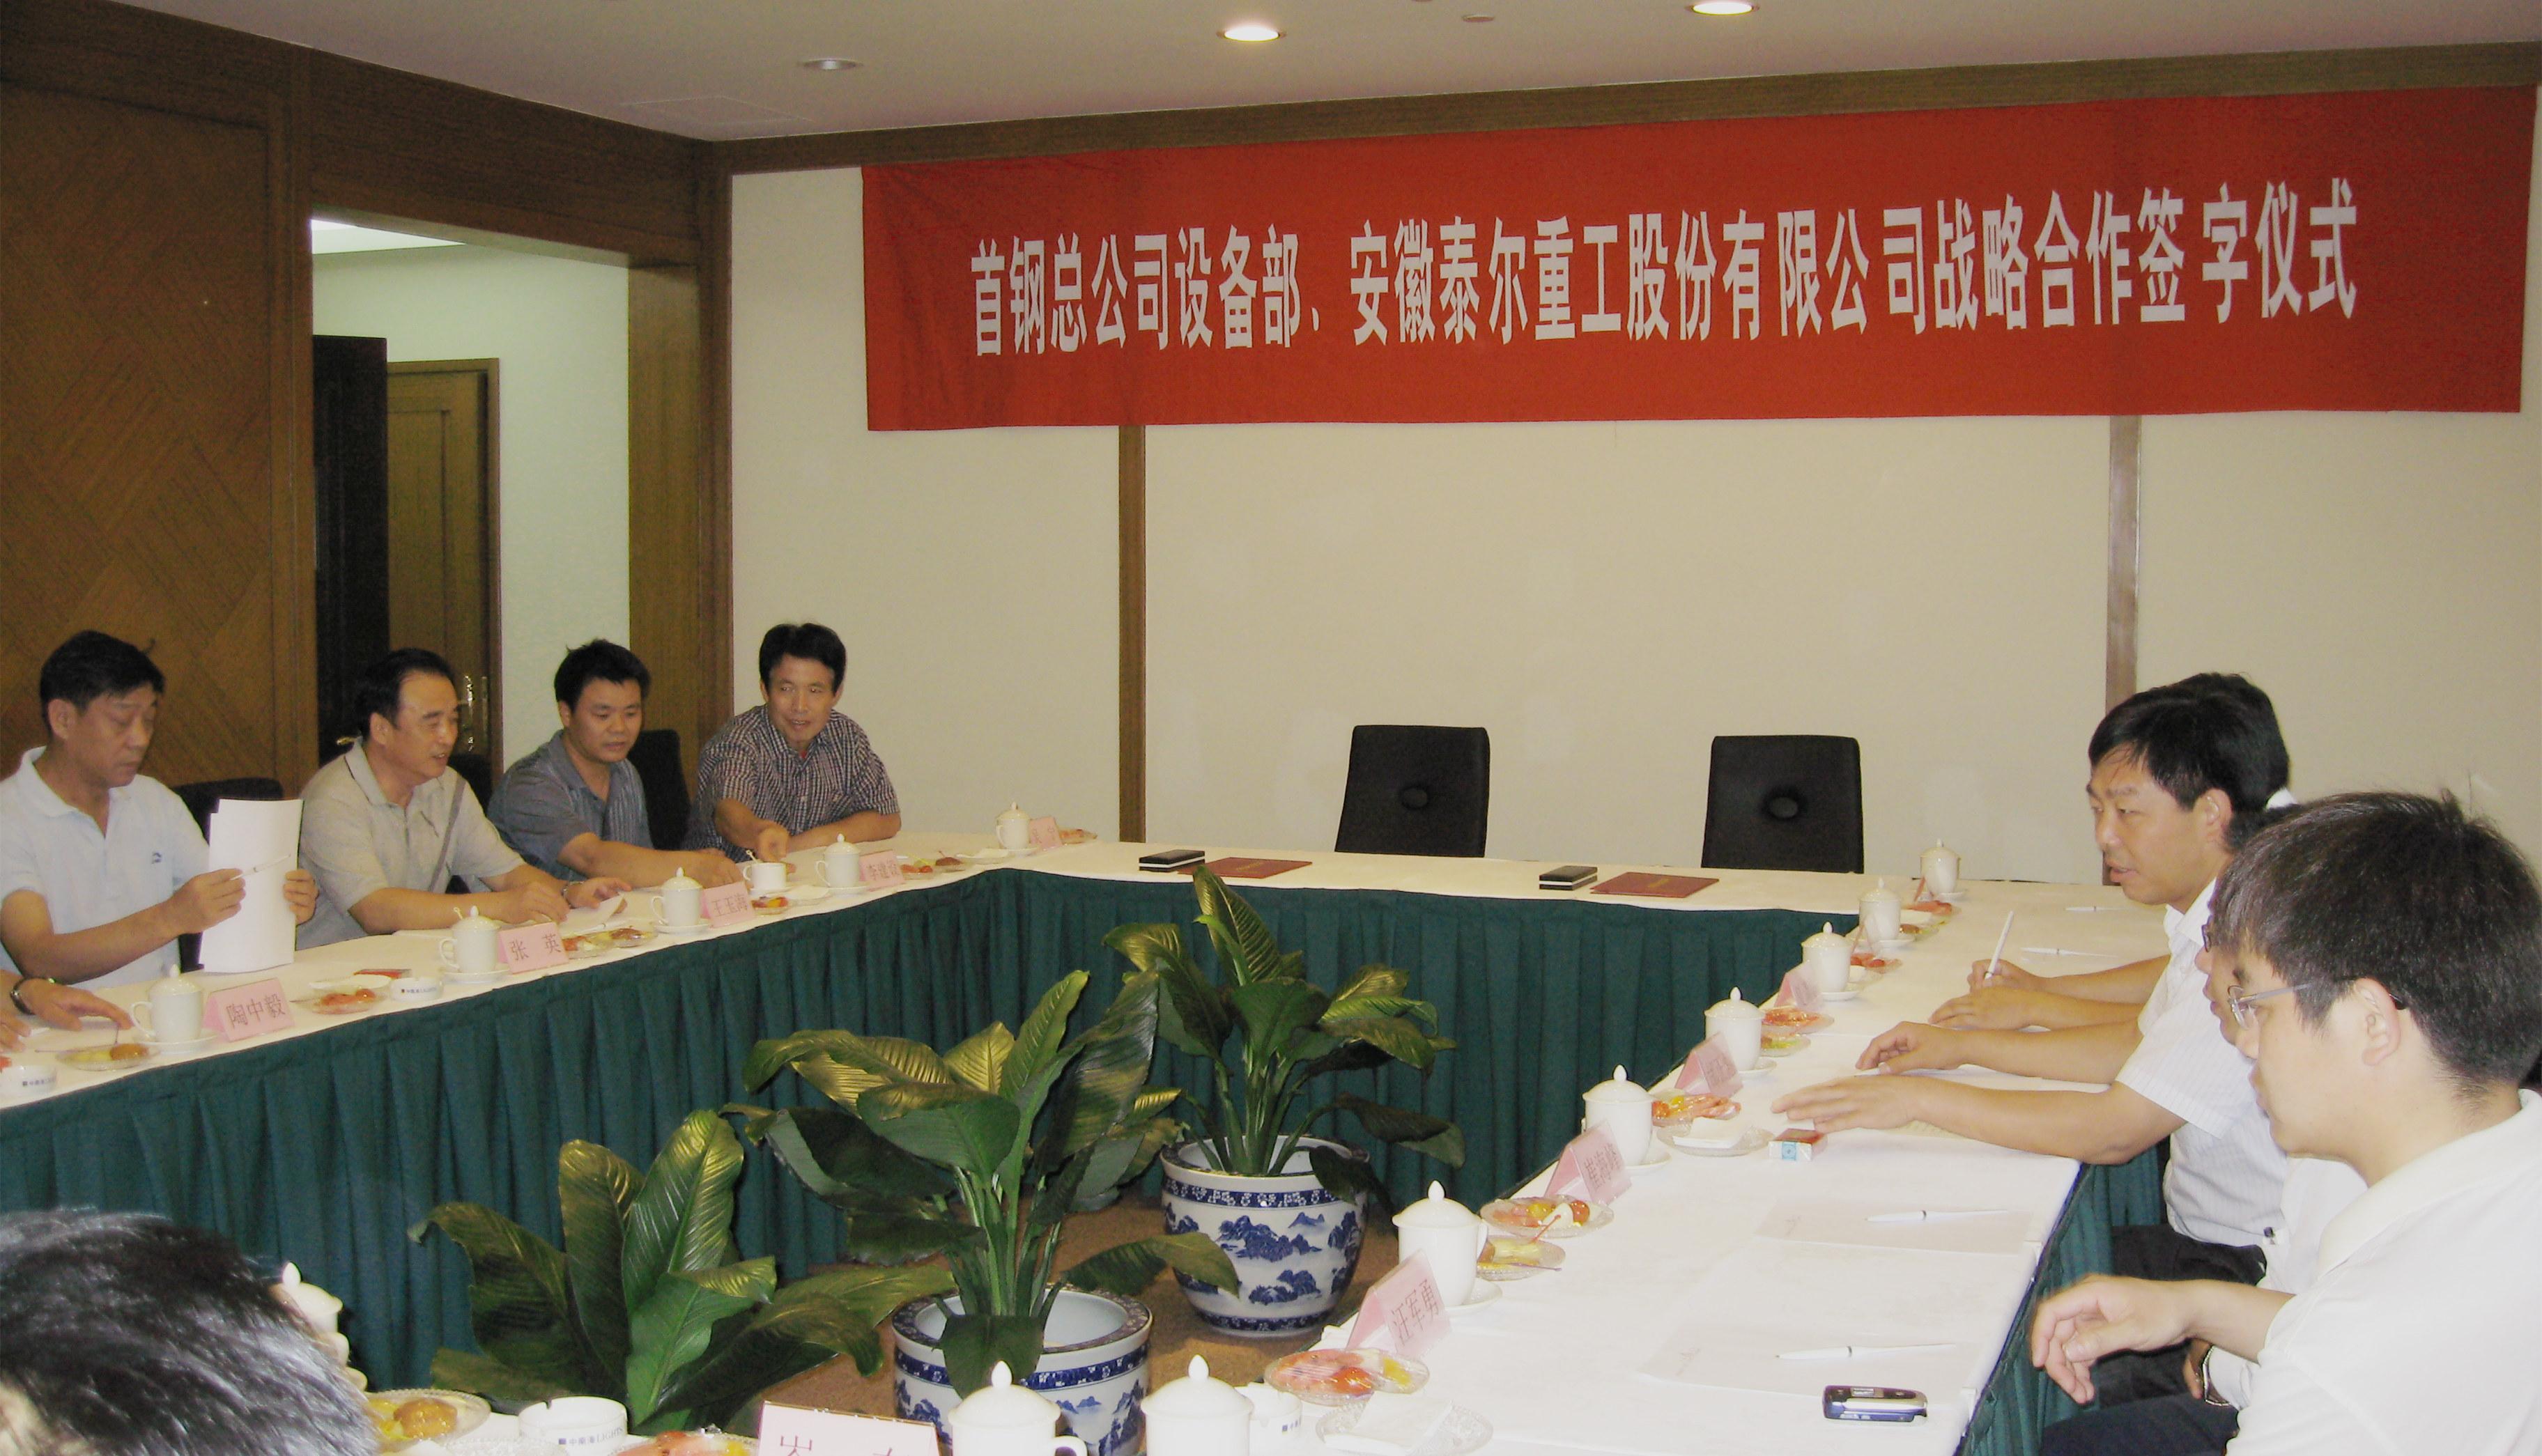 与首钢总公司签订战略合作协议